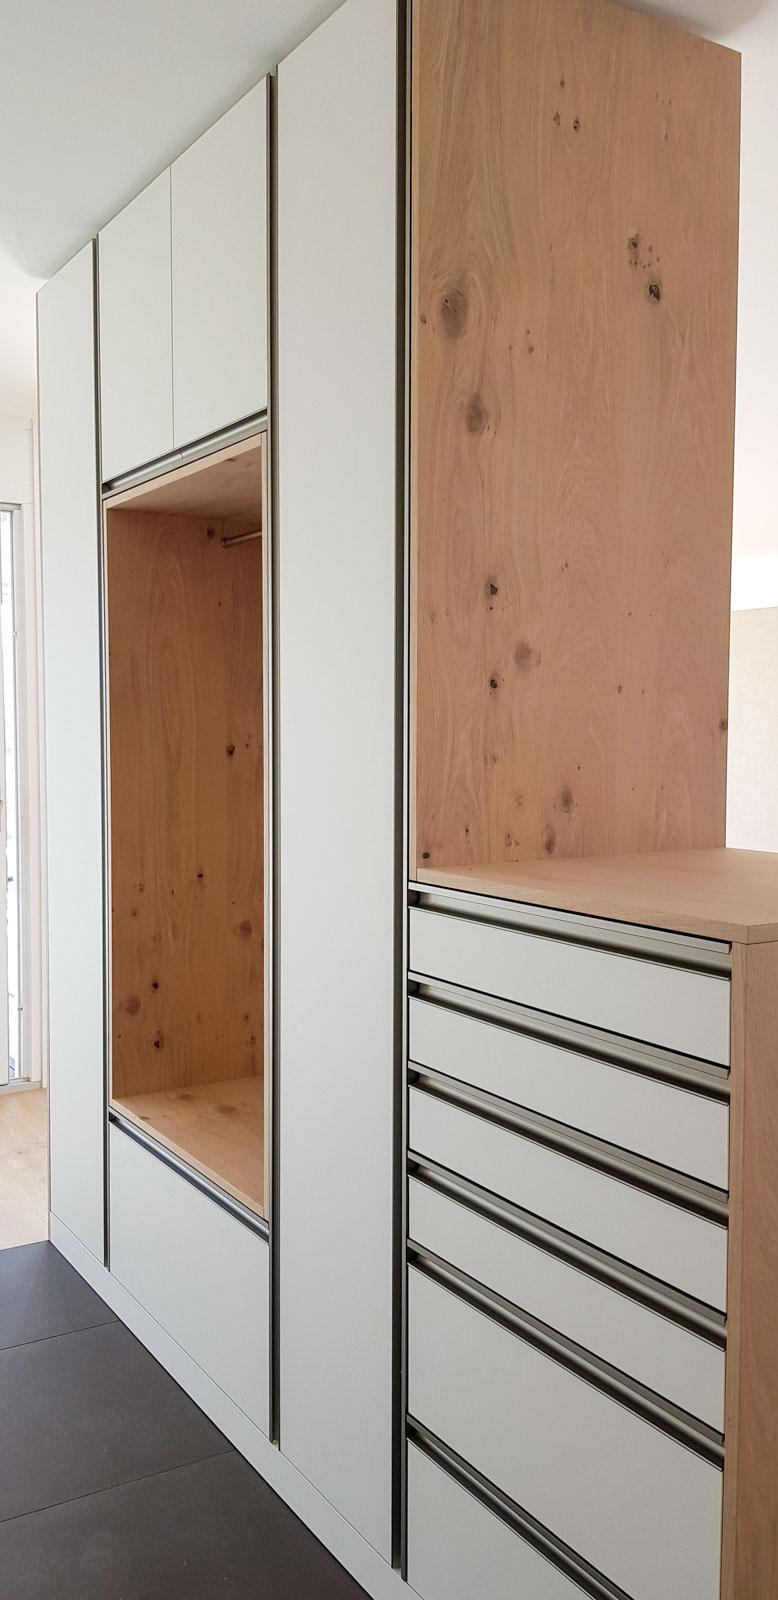 Wooddesign_Garderobe_Eiche furniert_Weisse Fronten_Schuhauszug_Schubladen_offene Gästegarderobe (8)